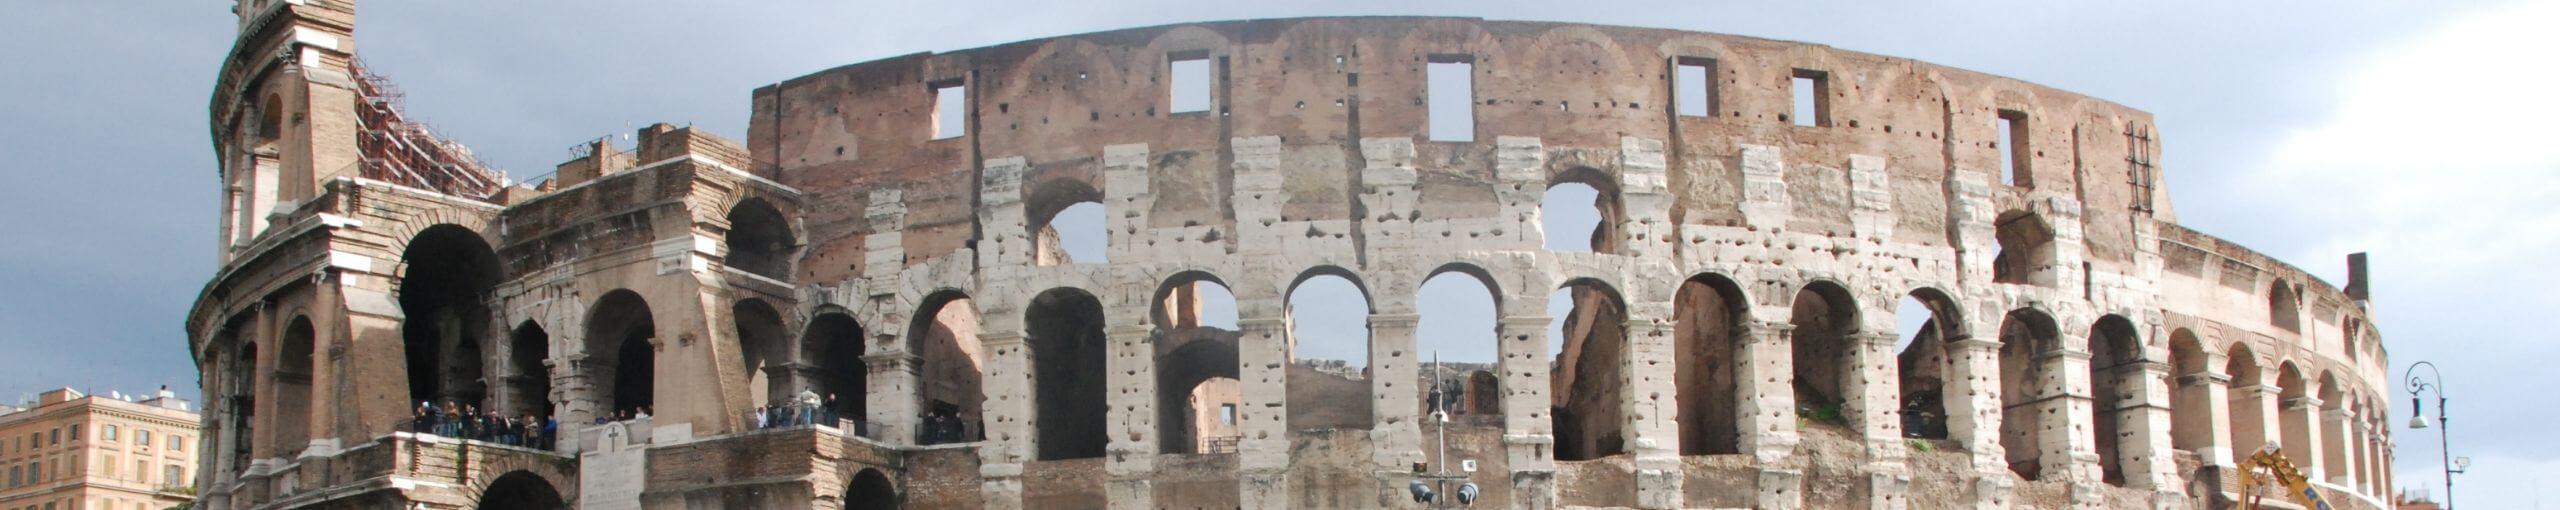 Roma Capital del Imperio